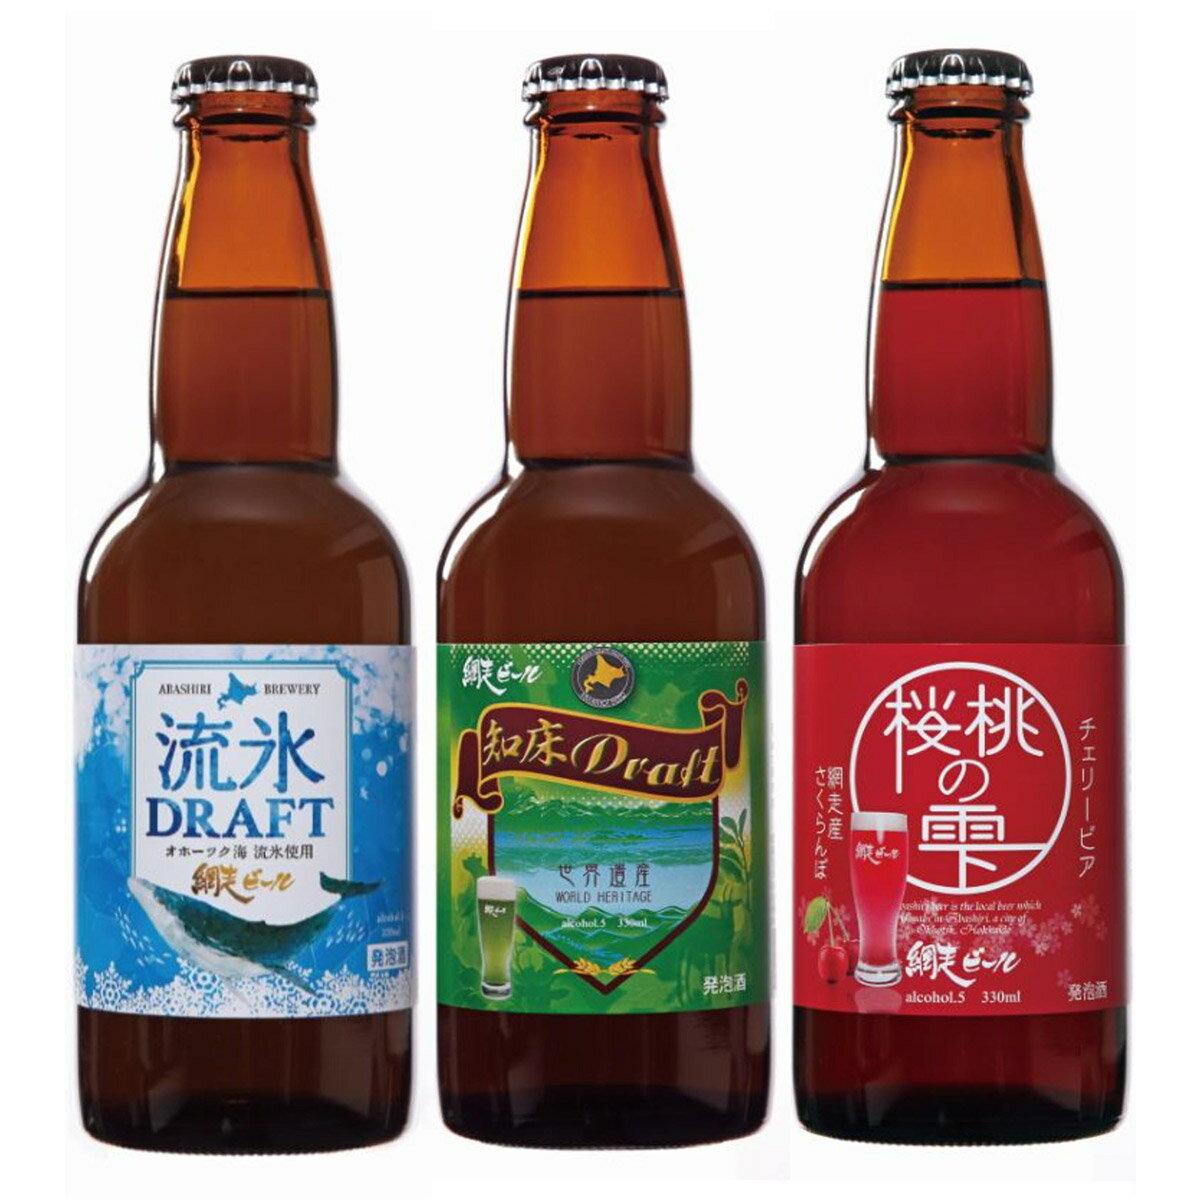 【ふるさと納税】網走ビール 3色彩り24本セット